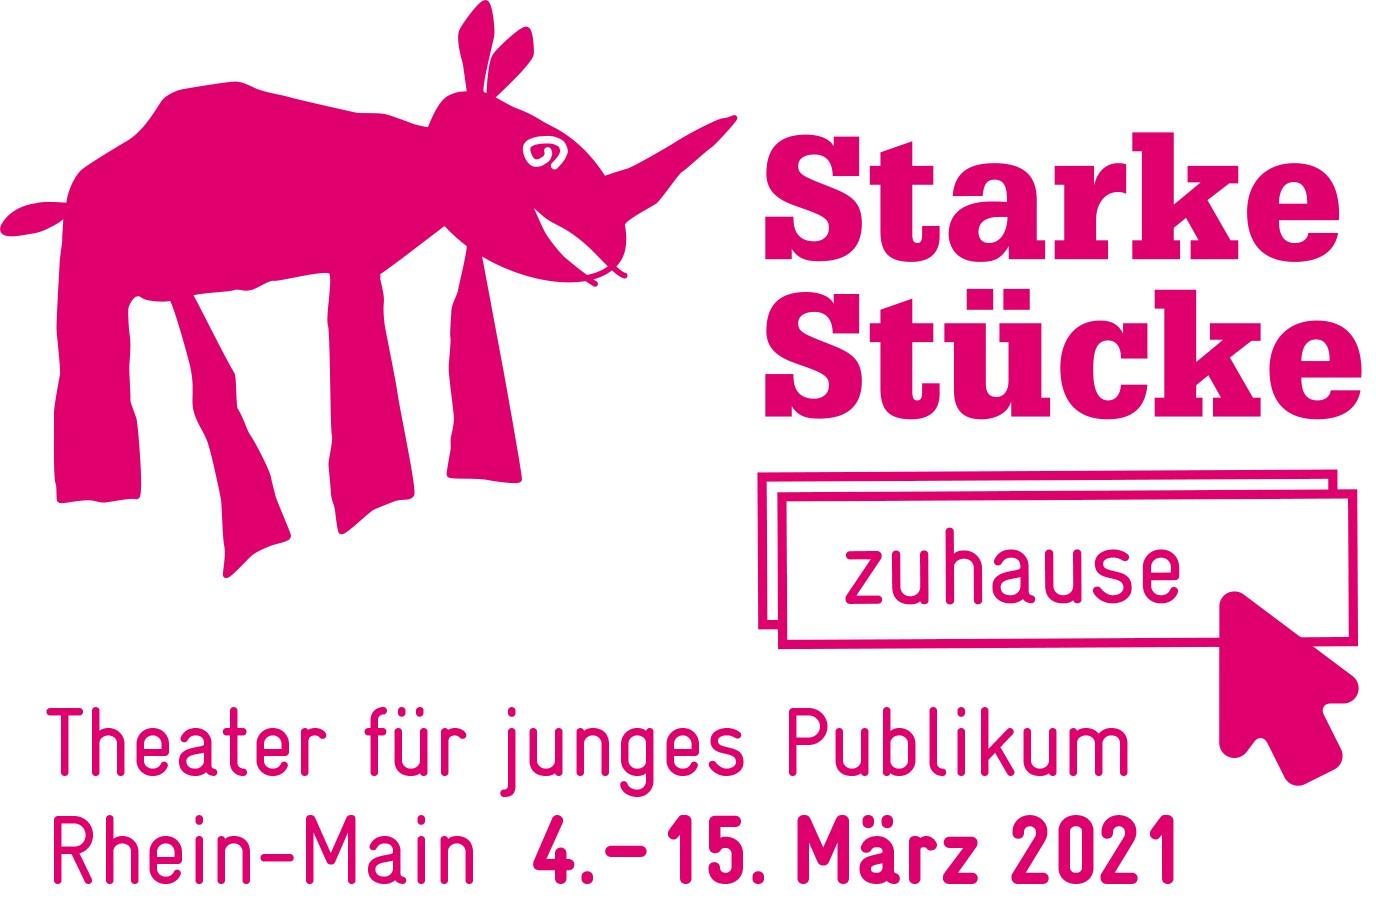 stst_zuhause_logo_2021